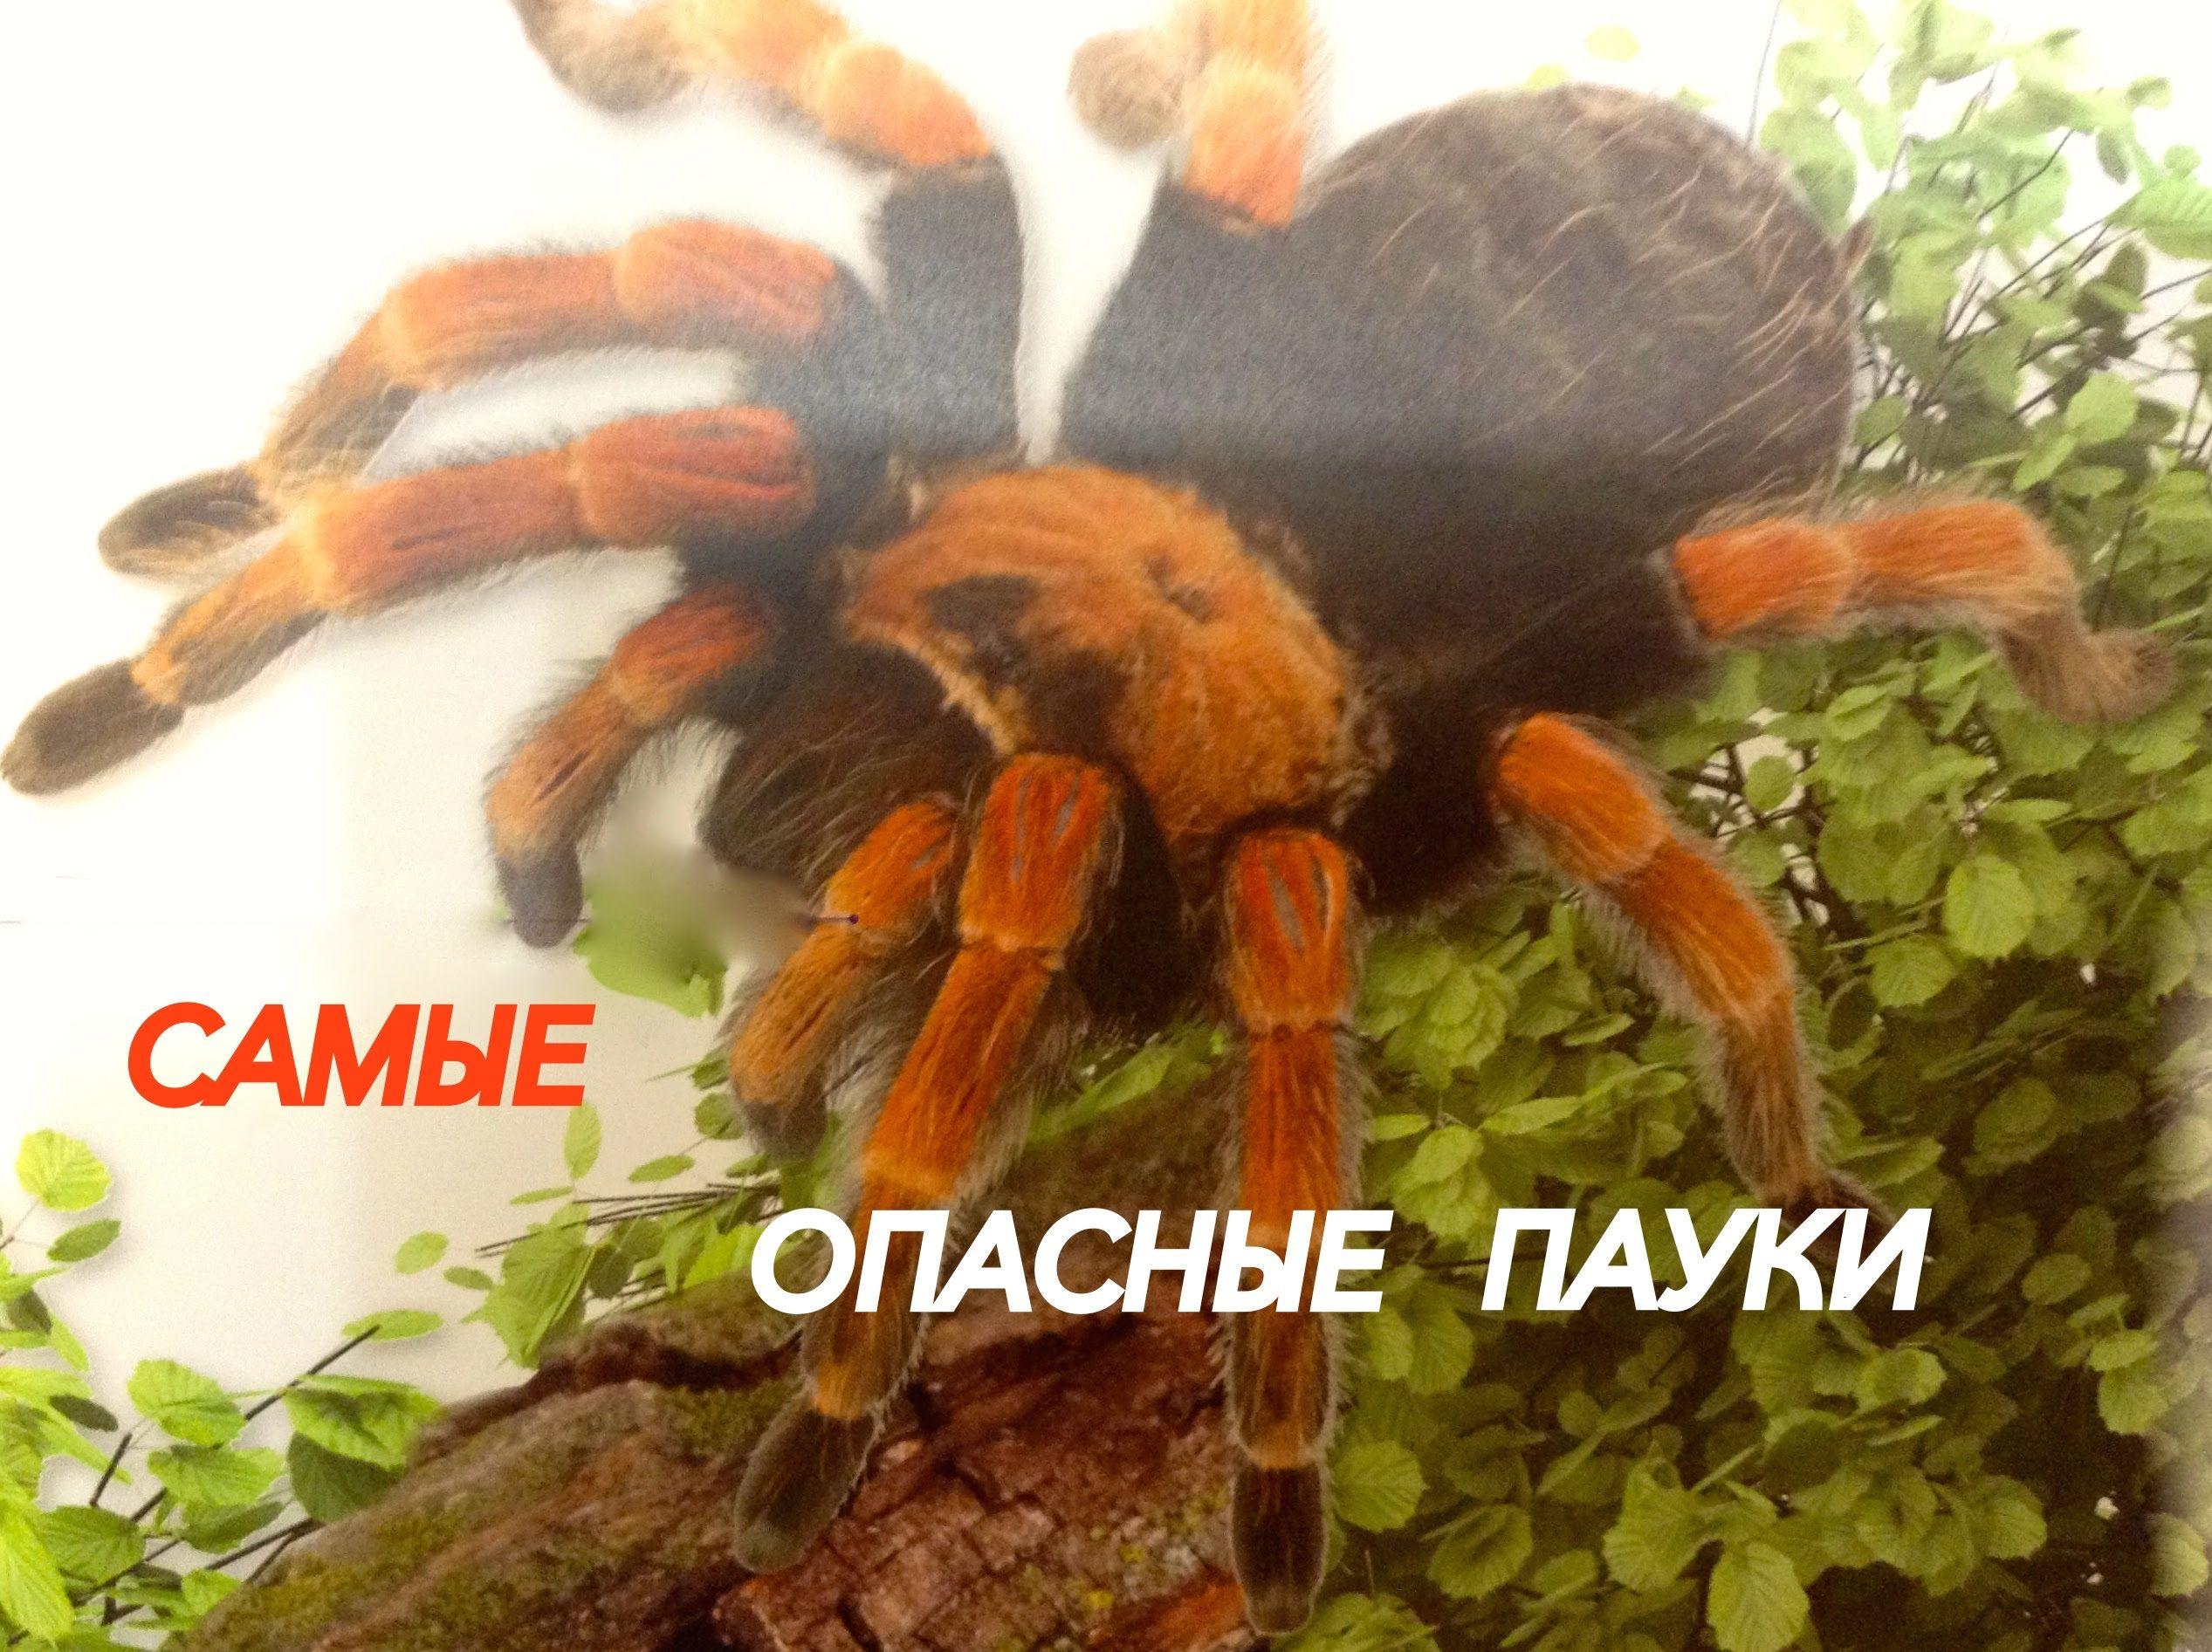 Самые опасные пауки | Паук